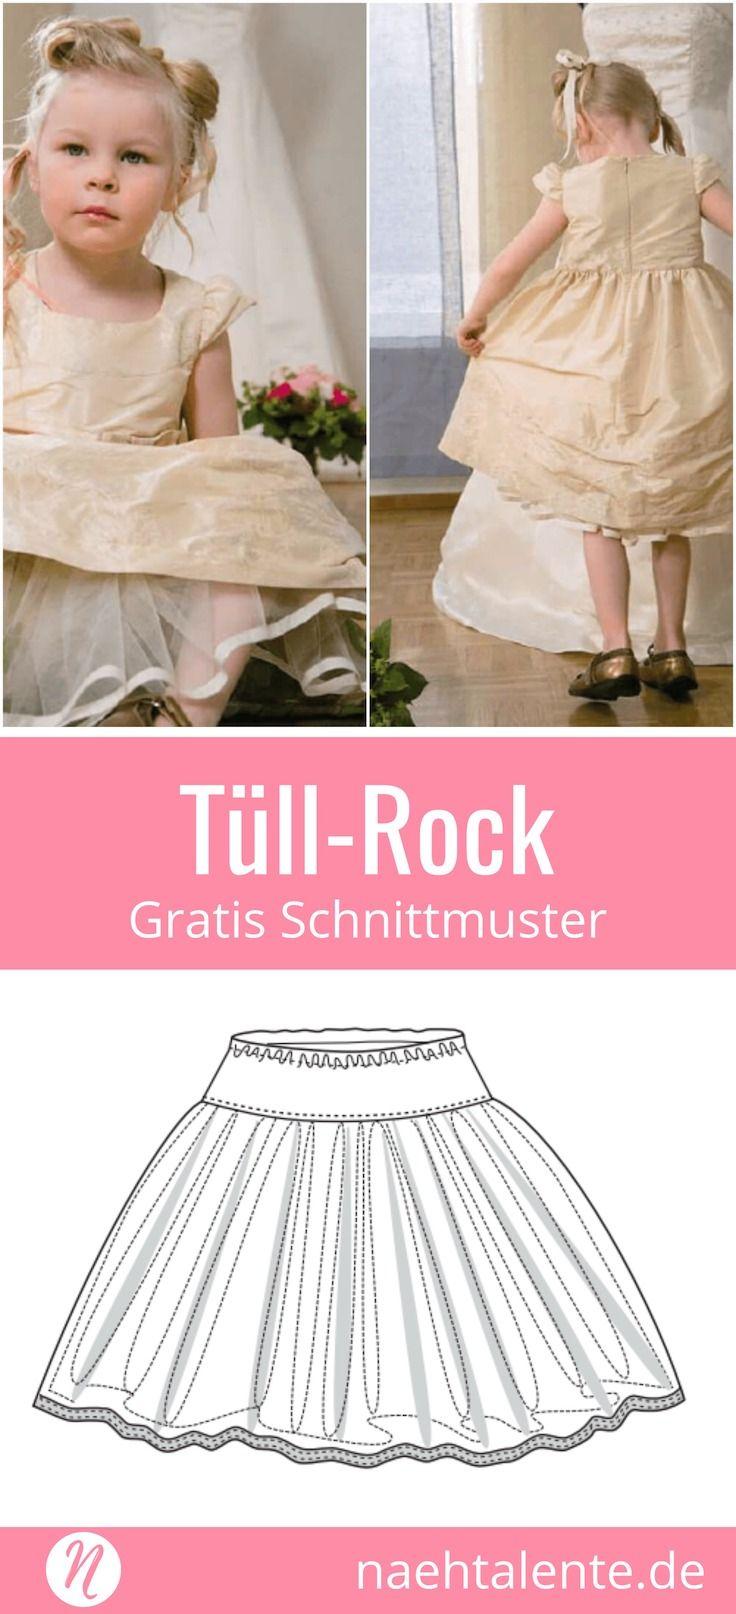 Tüllrock für Mädchen - Freebook   Tüllrock, Nähanleitung und Girls